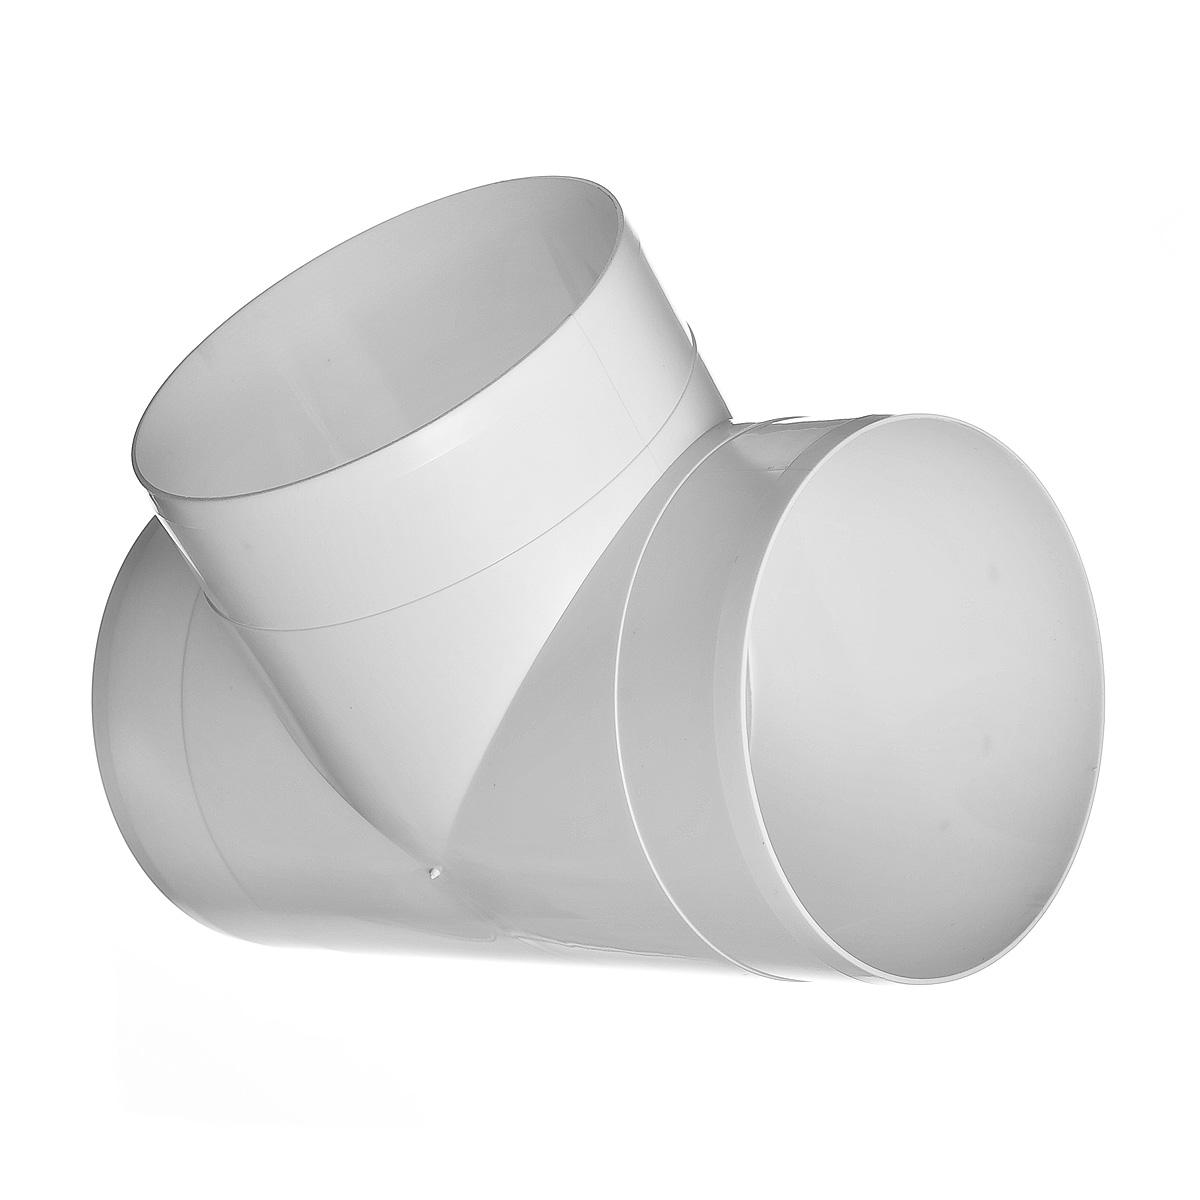 Купить Тройник для вентиляционных труб пластиковый 100 мм, угол 90° — Фото №1